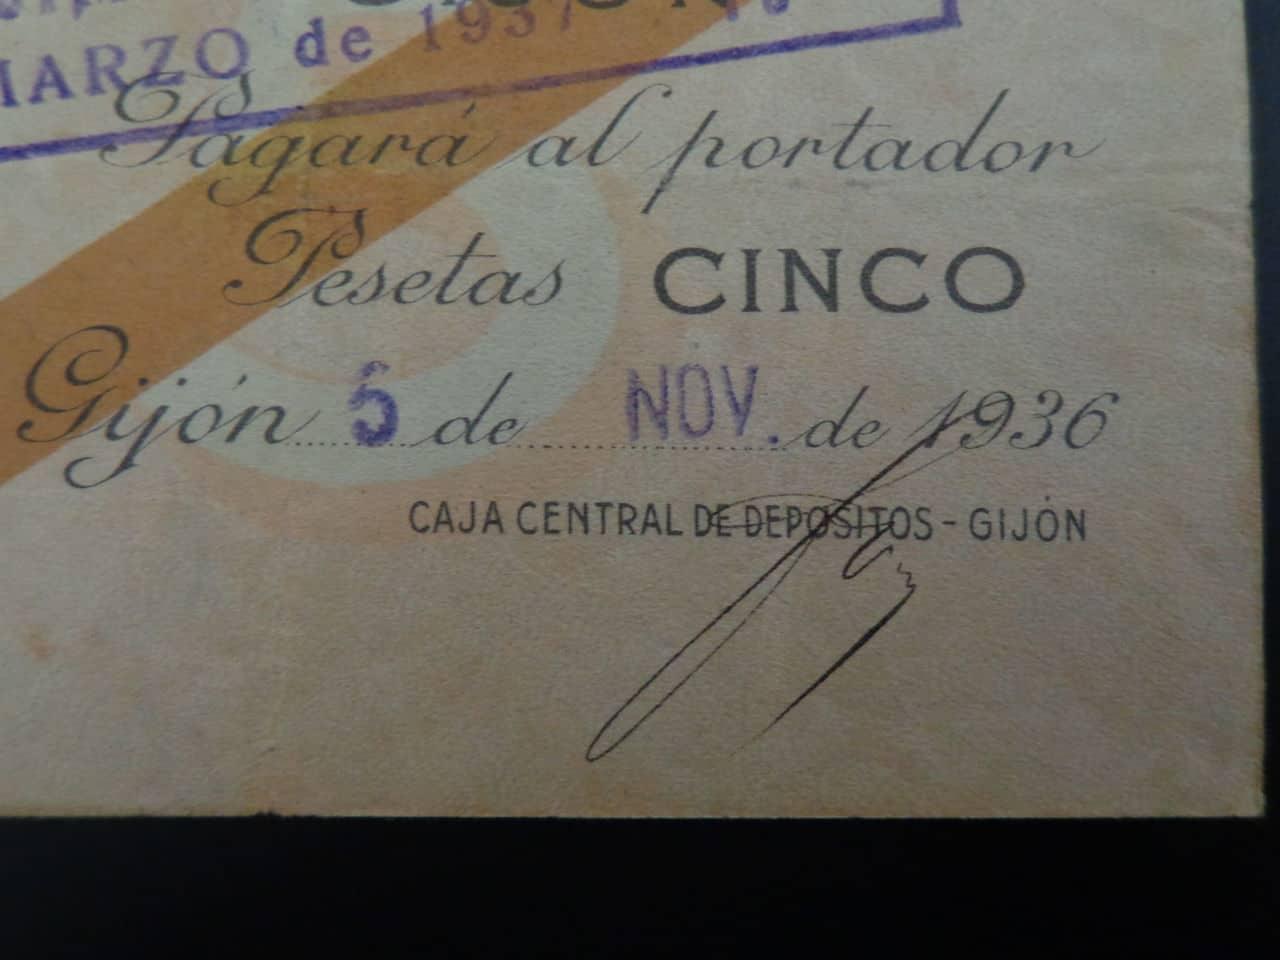 5 Pesetas 5 Noviembre 1936, Banco de España (Gijón)  DSC00674